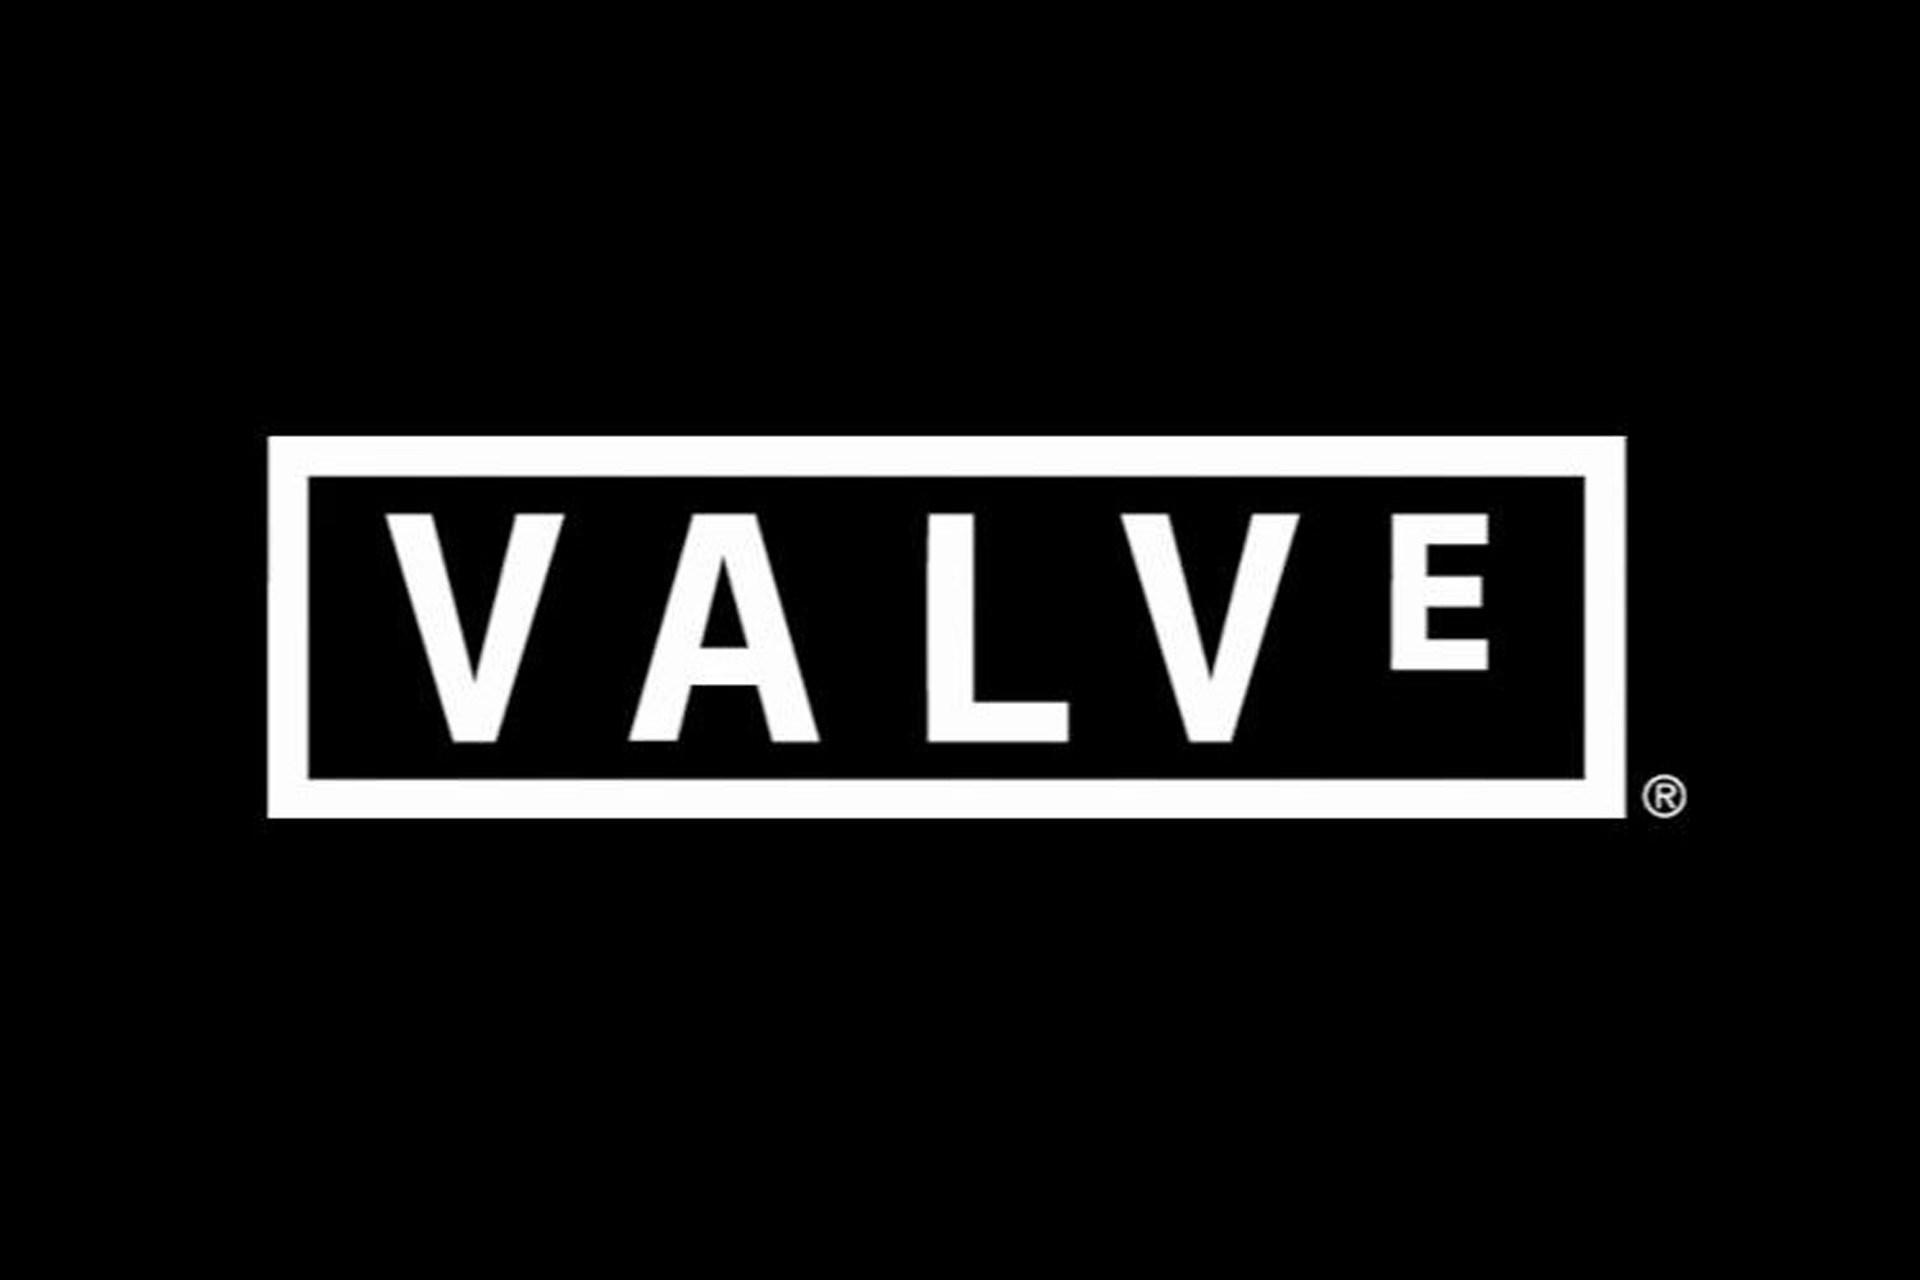 وب سایت رسمی ولو به ساخت بازیهای جدید توسط این شرکت اشاره دارد